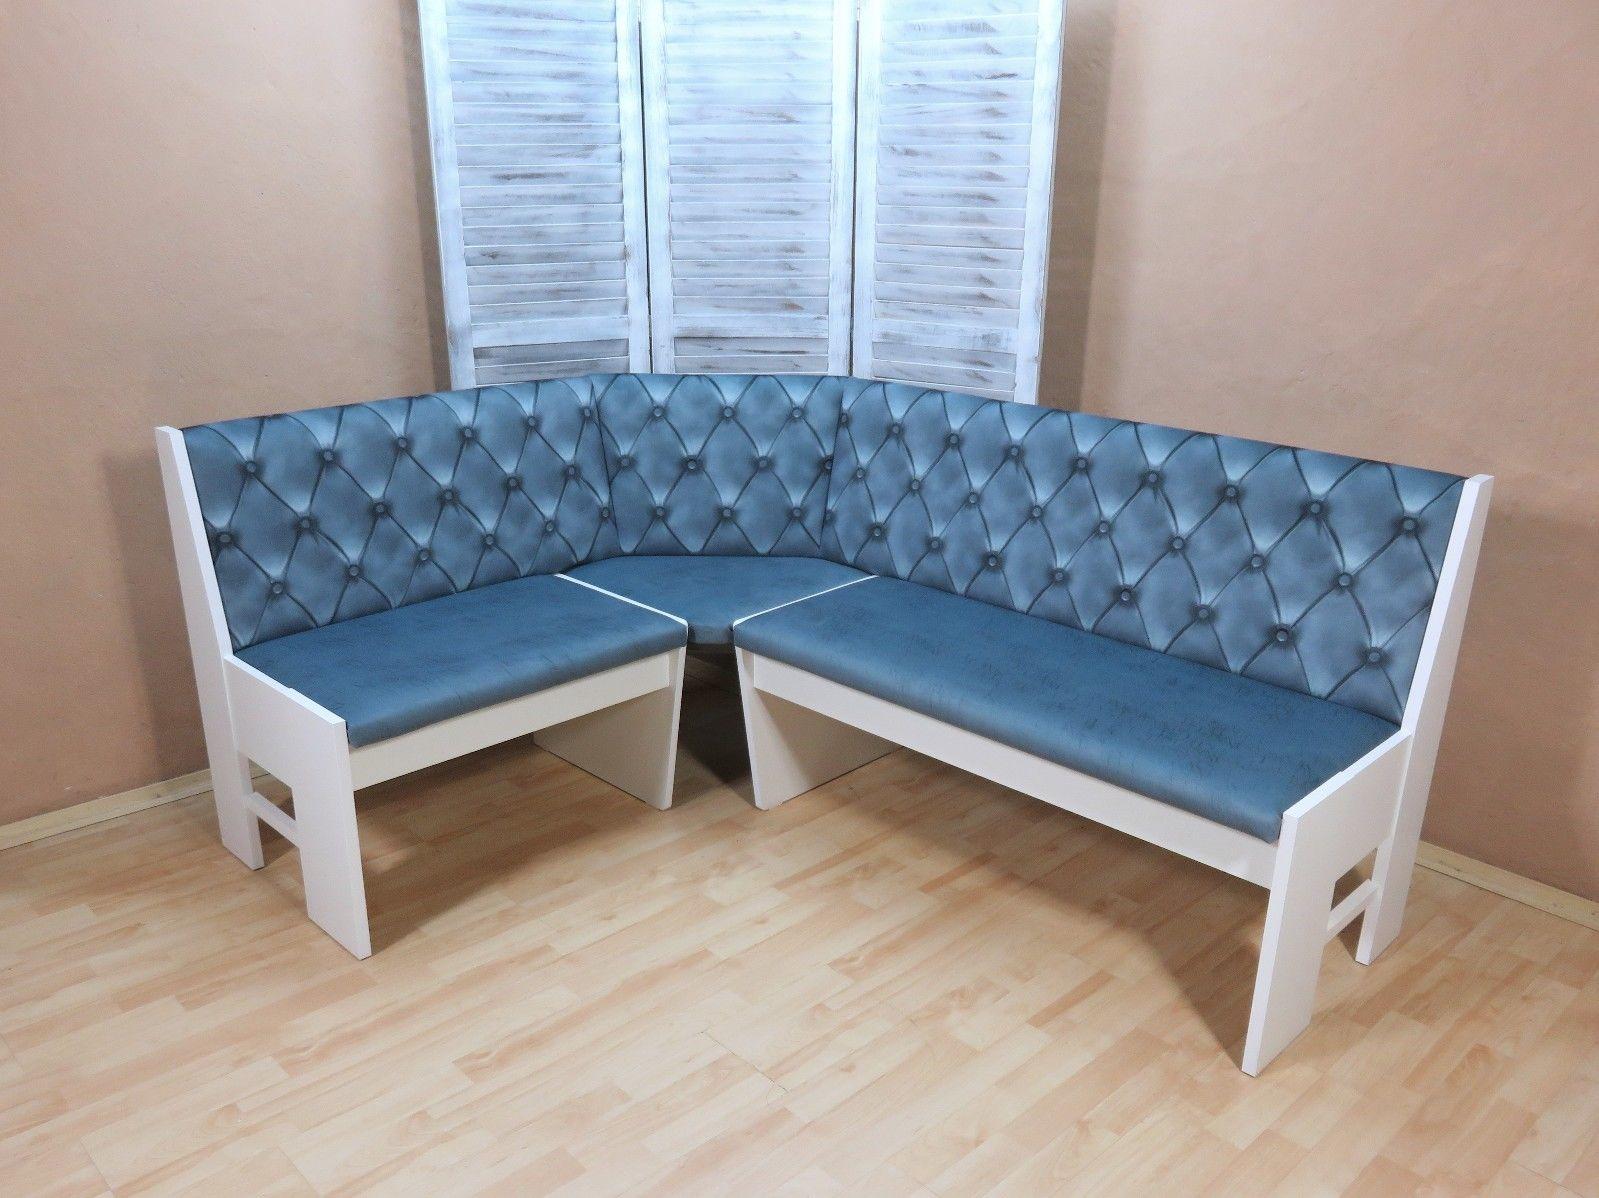 truheneckbank wei. Black Bedroom Furniture Sets. Home Design Ideas